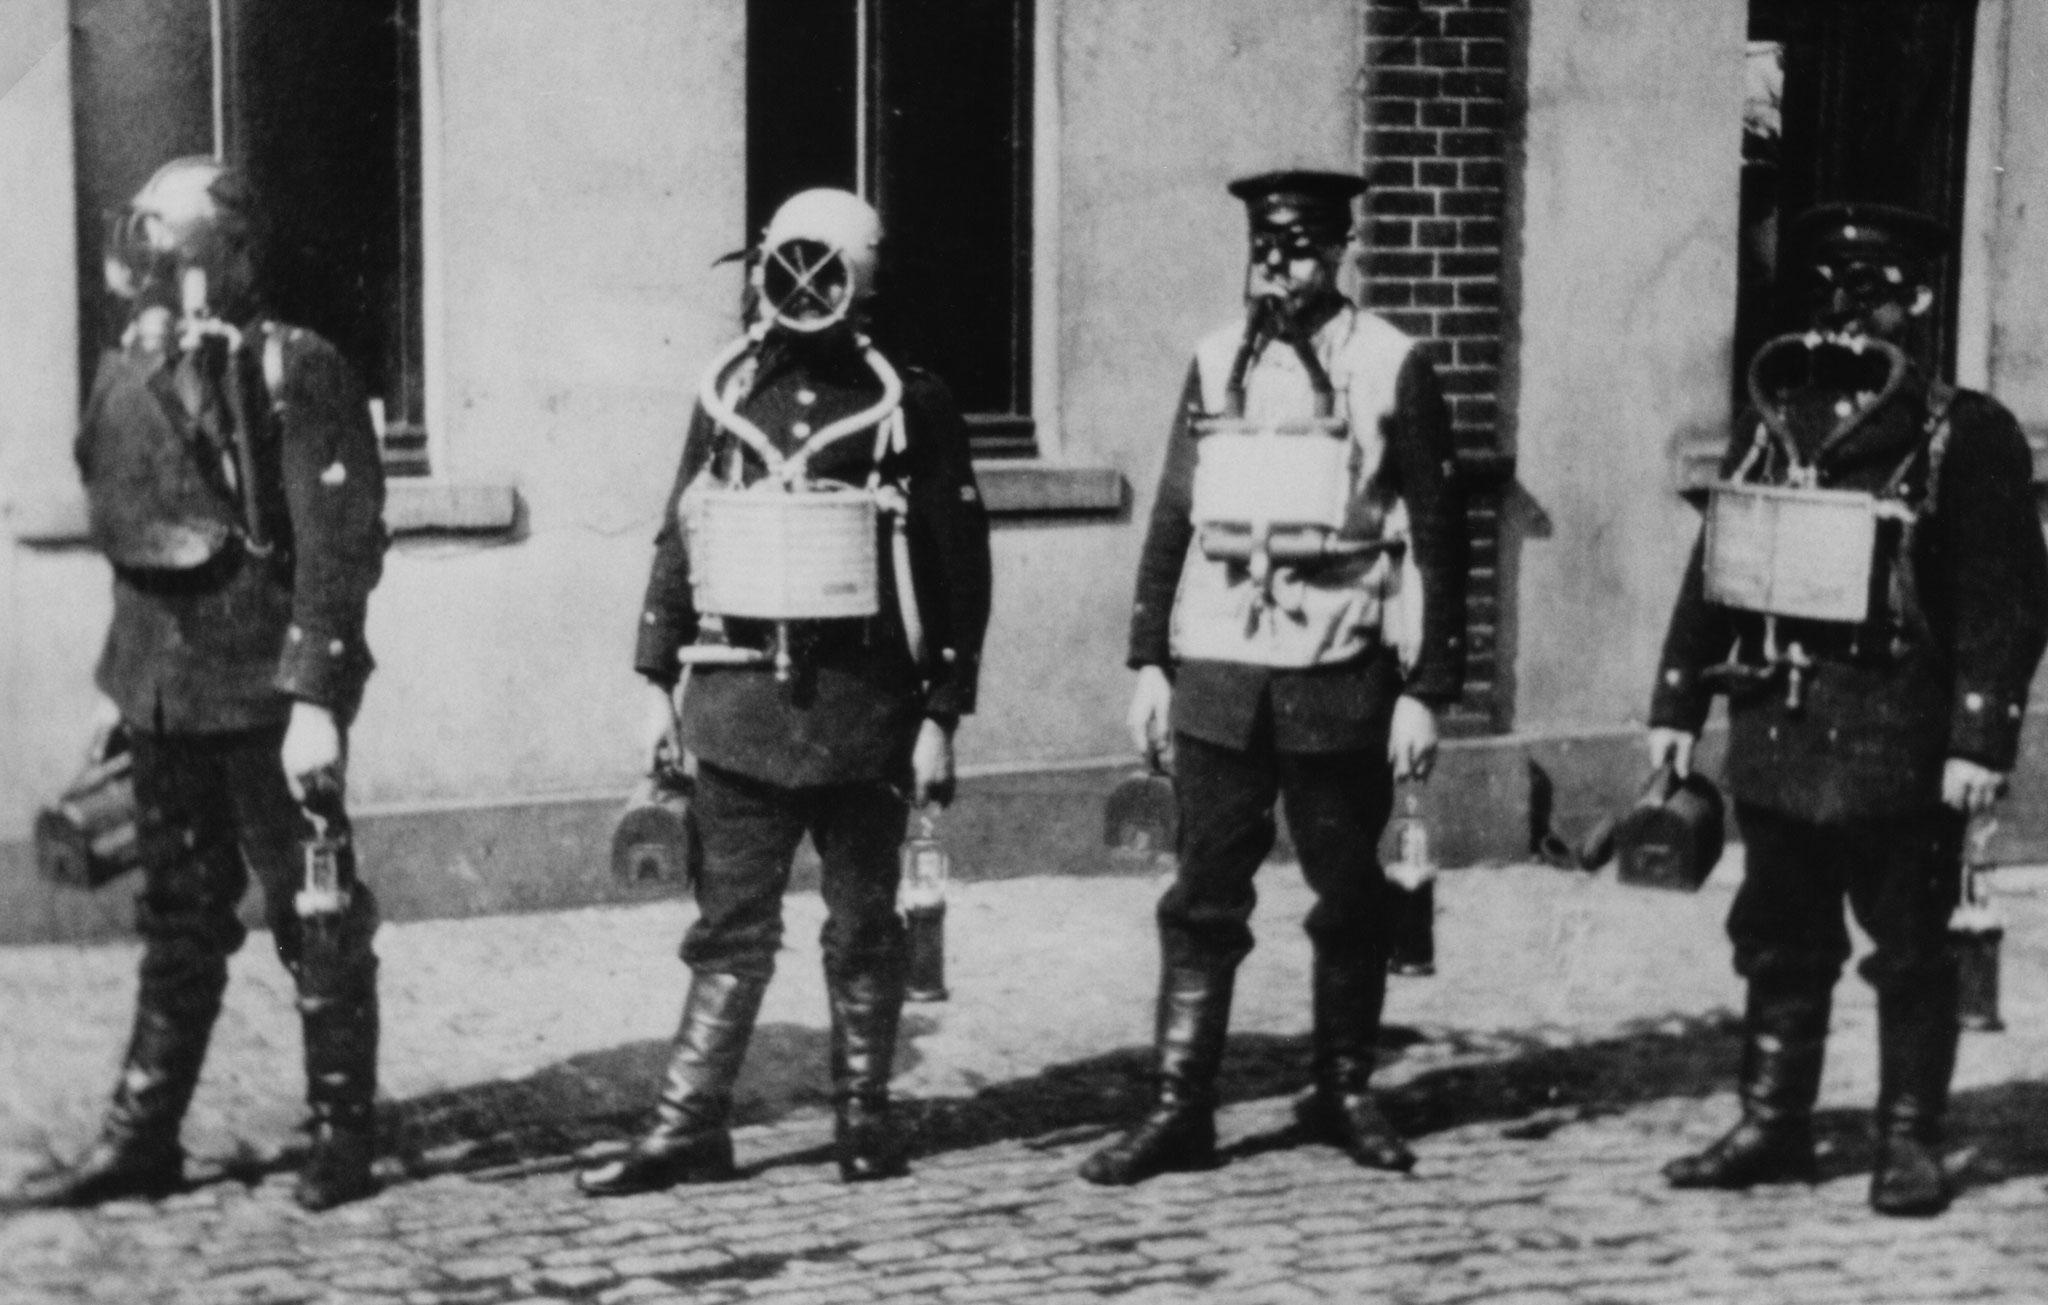 Grubenwehr Rhein-Elbe unter Gerät. Linkes Gerät Dräger Modell 1904/09. Drittes Gerät von links, Pneumatogen 1904. Die zwei Geräte daneben sind mir unbekannt.